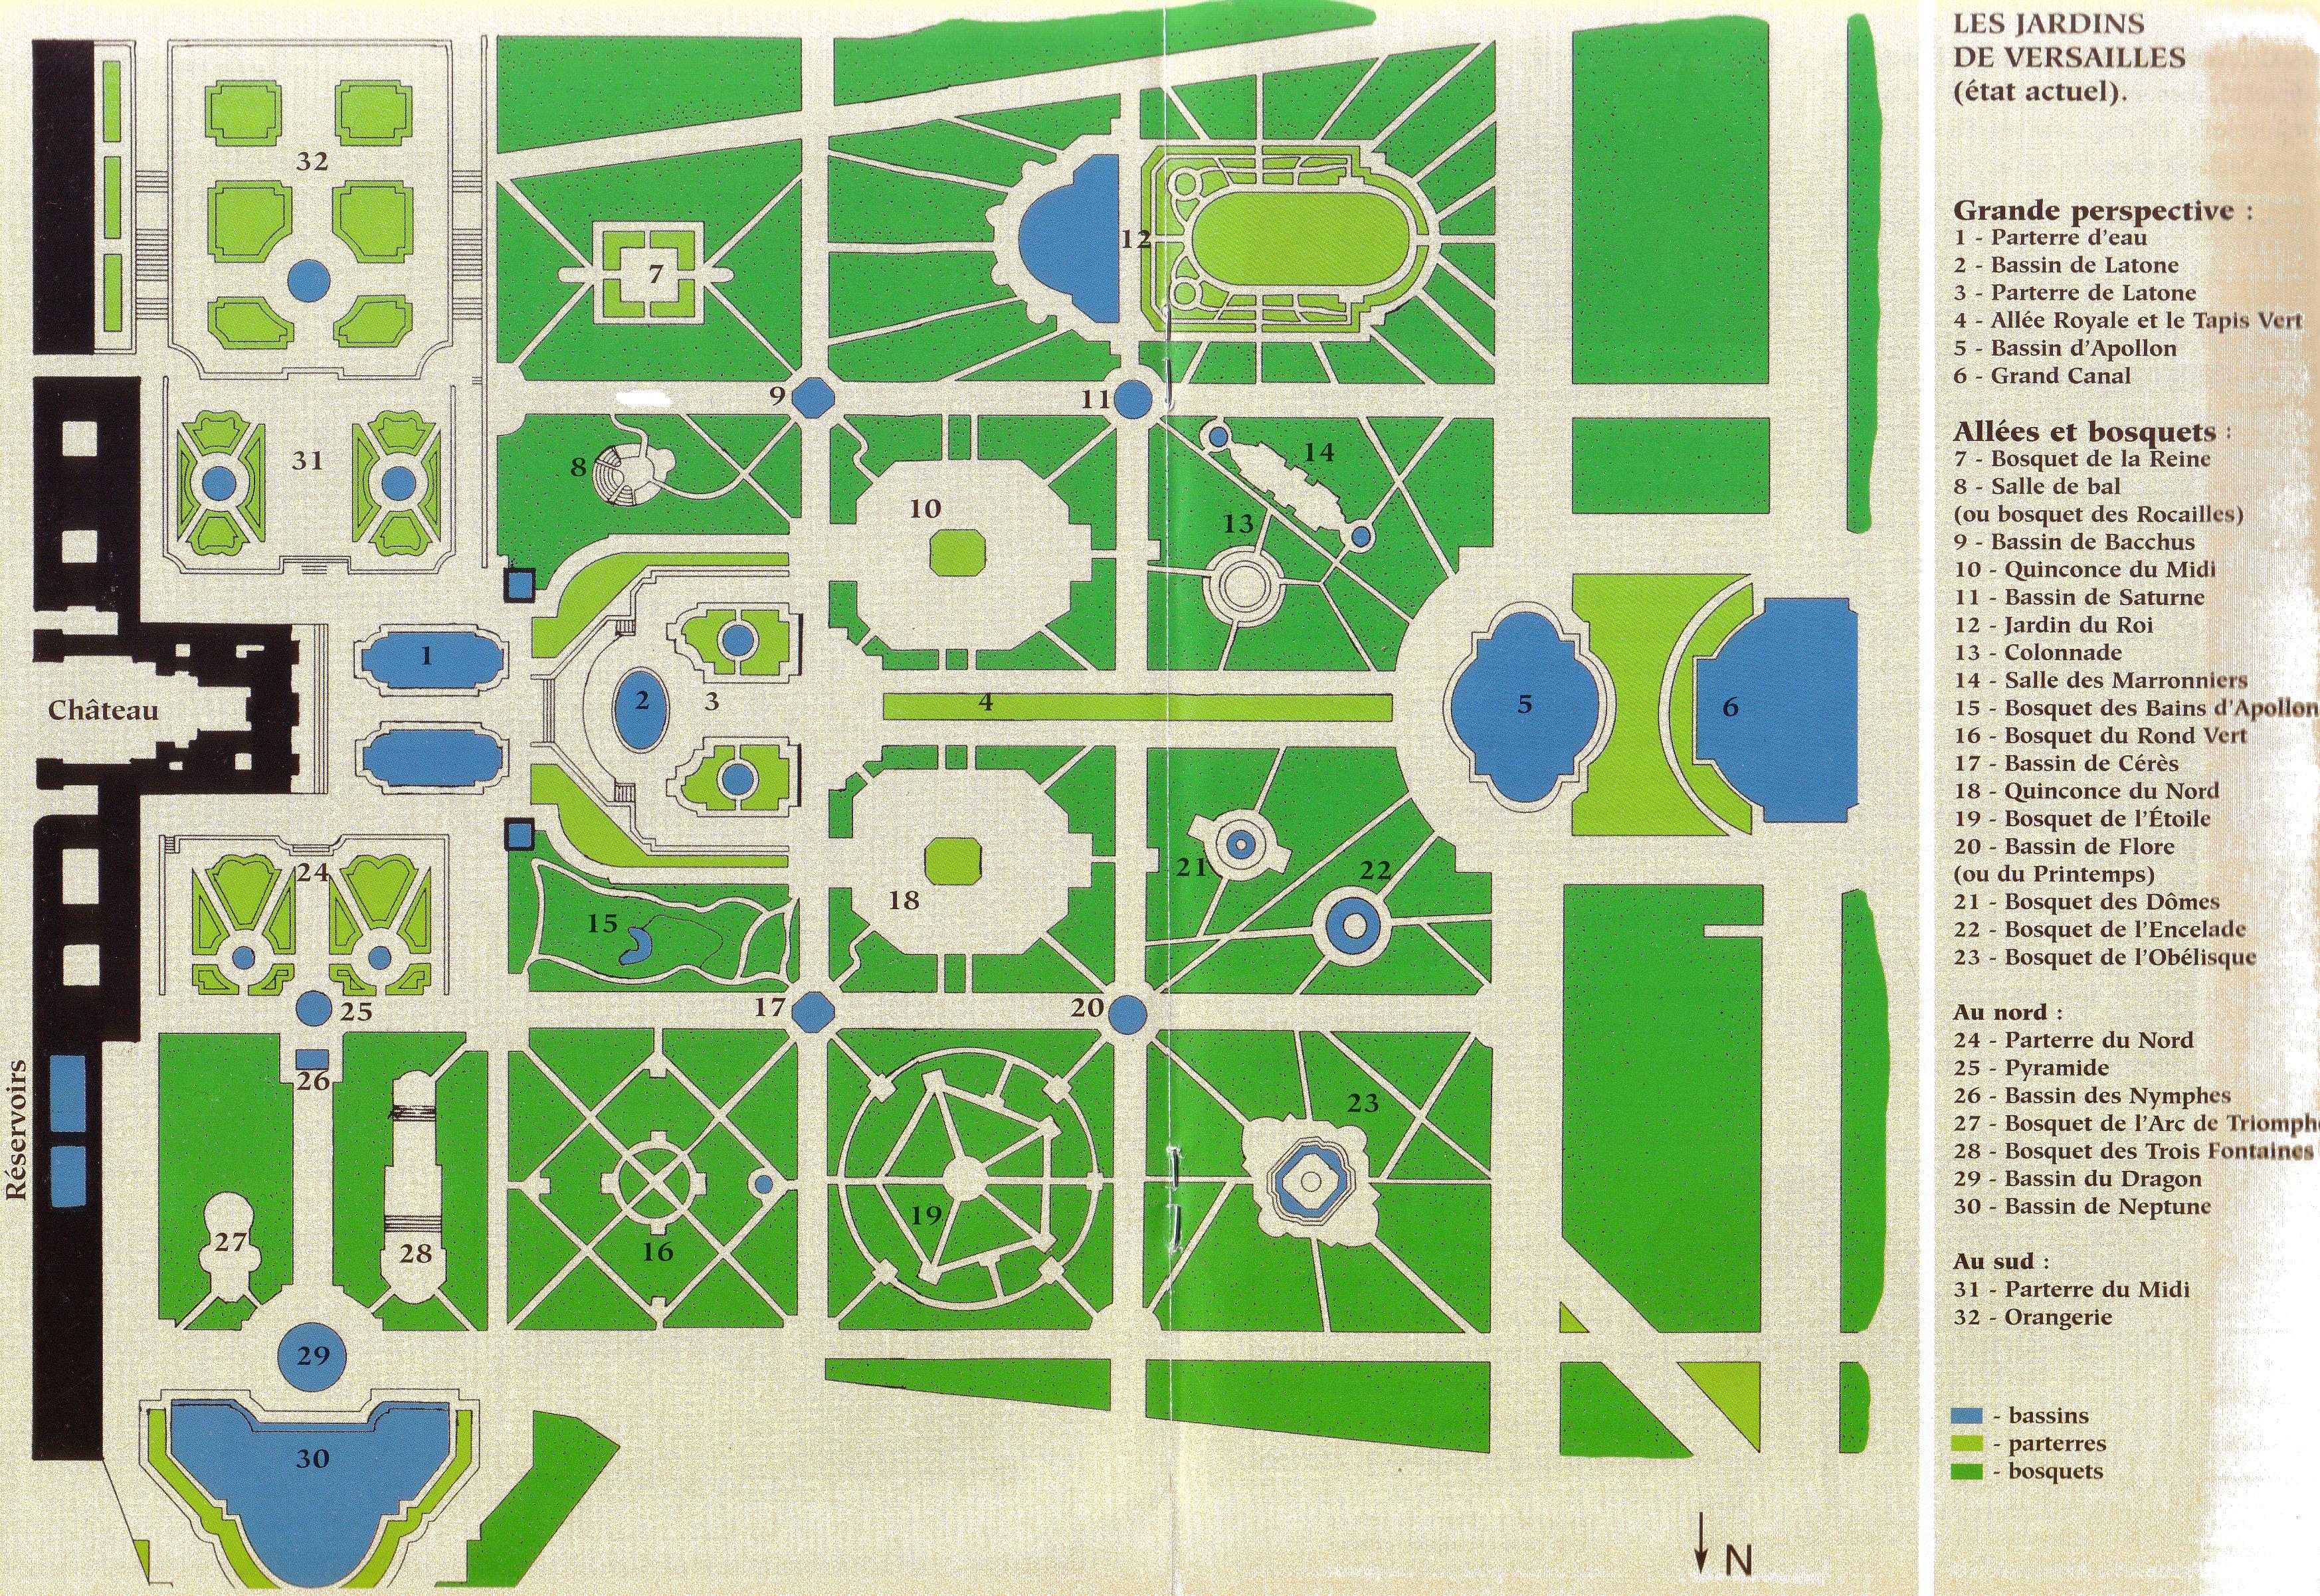 Plan du parc de versailles andr le n tre for Architecte jardin versailles